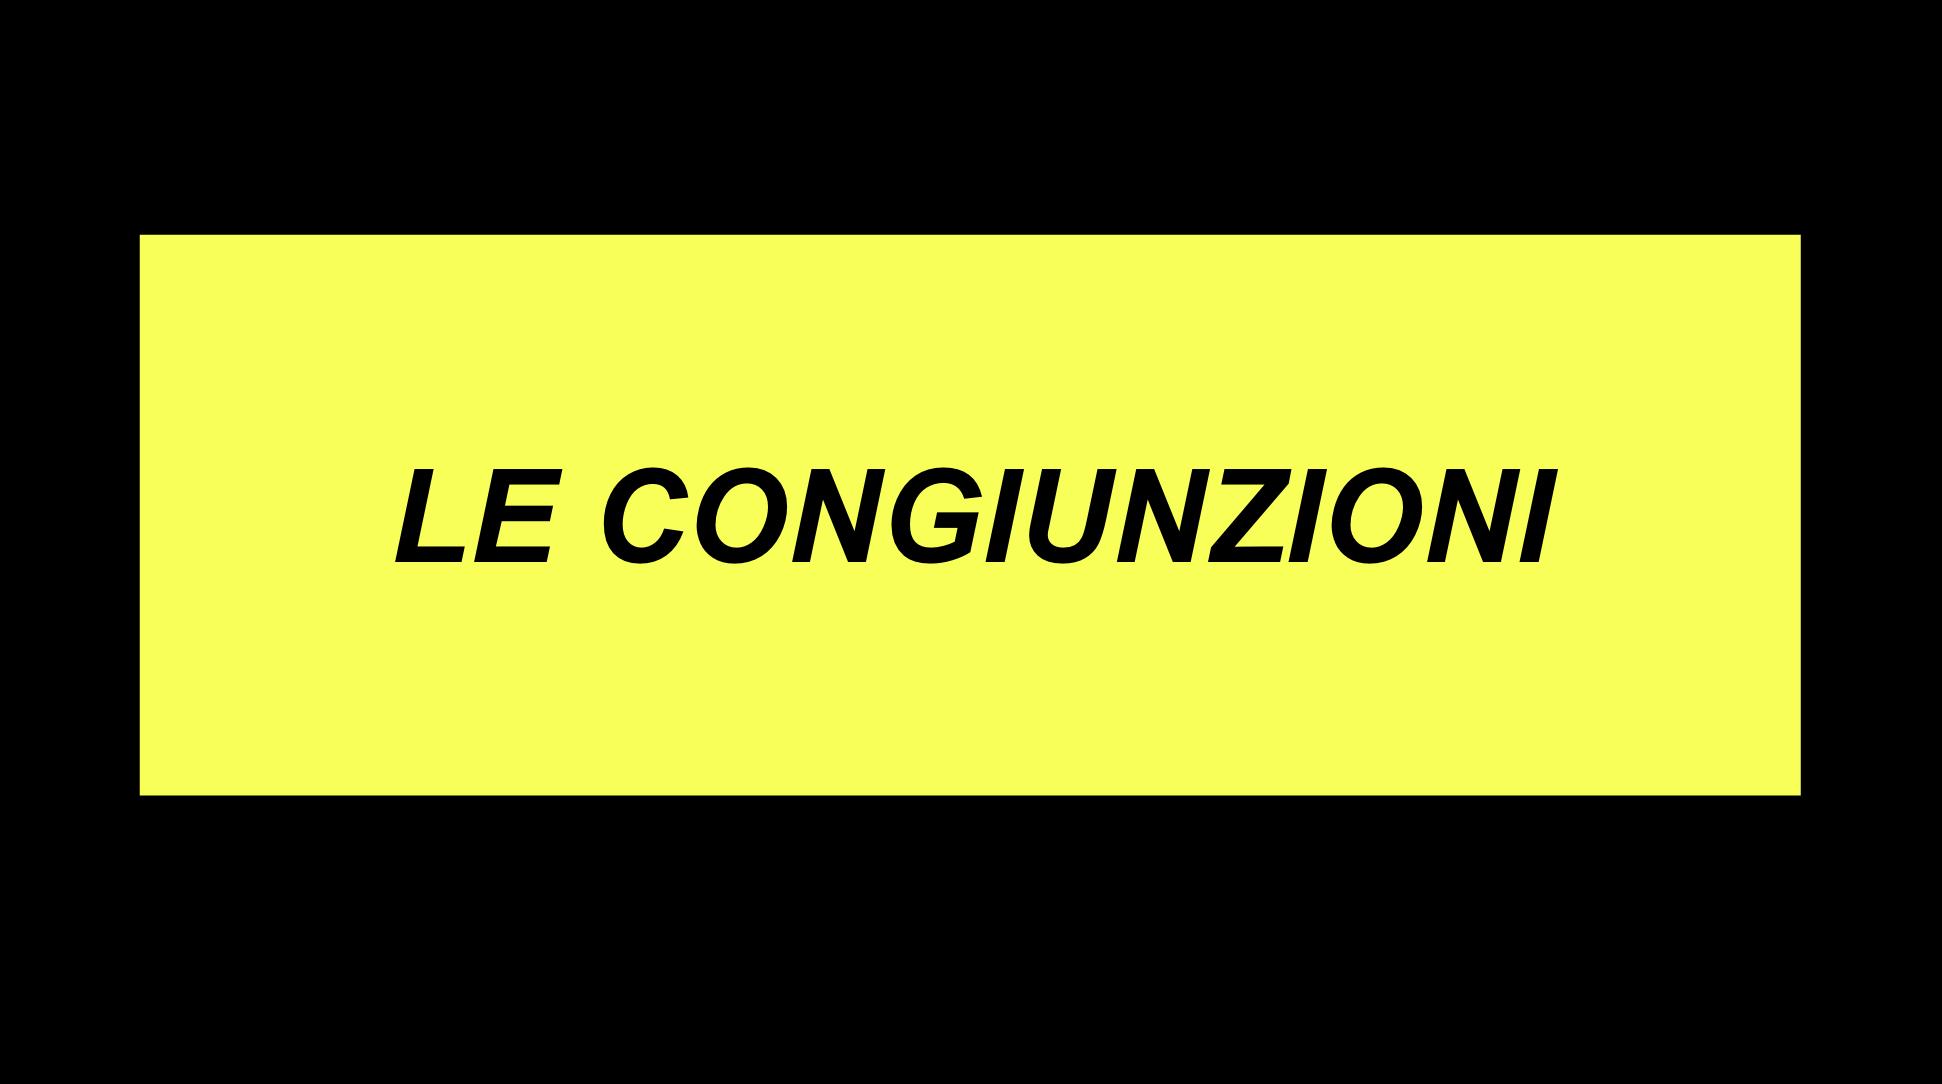 LA PRESENTAZIONE DELLA LEZIONE SULLE CONGIUNZIONI